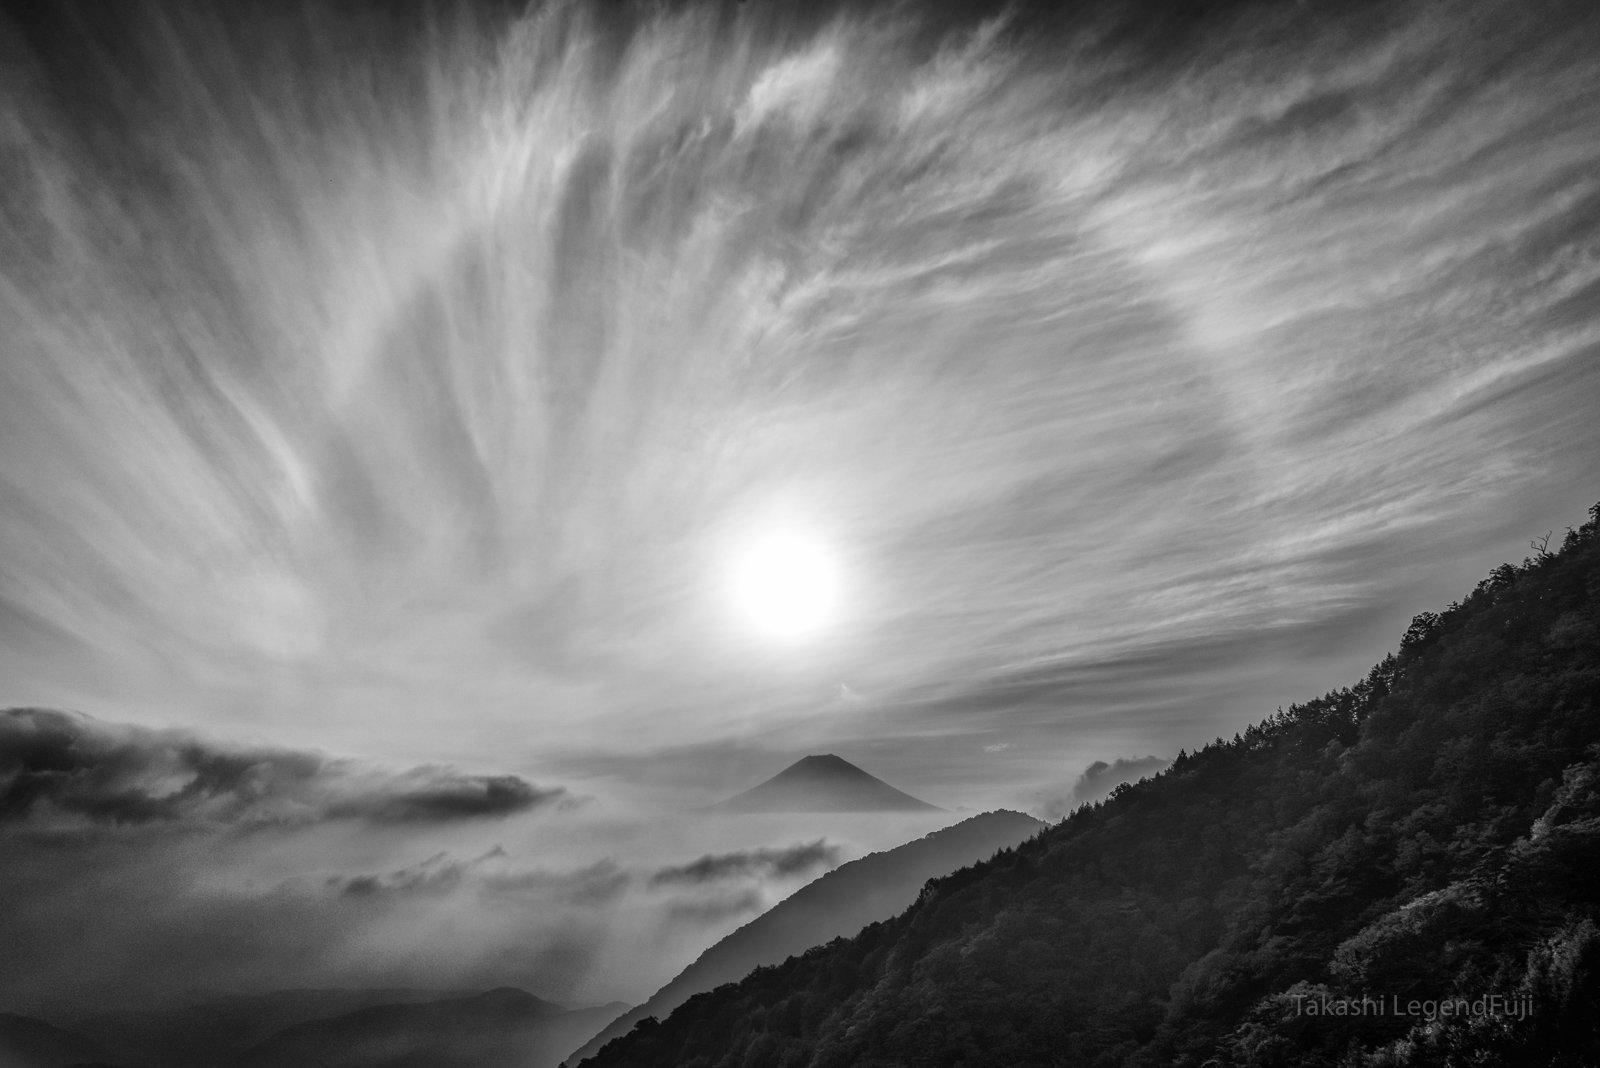 fuji,mountain,japan,cloud,halo,sun,sunrise,sunshine,, Takashi